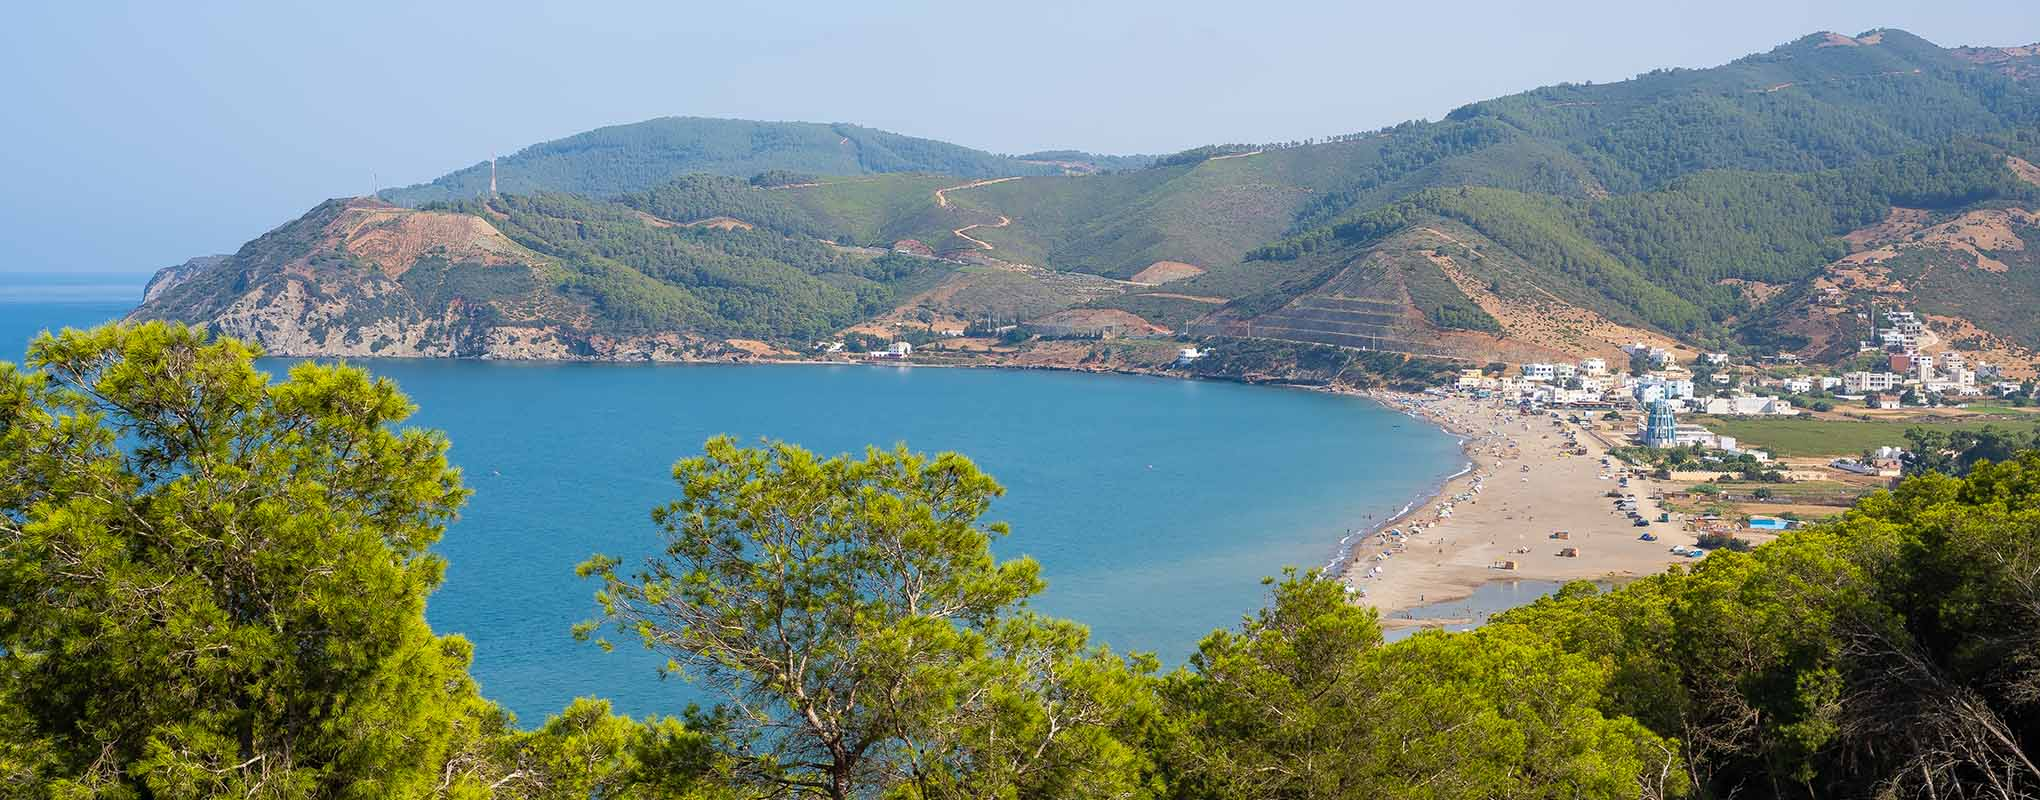 Vista panorámica de Oued Laou